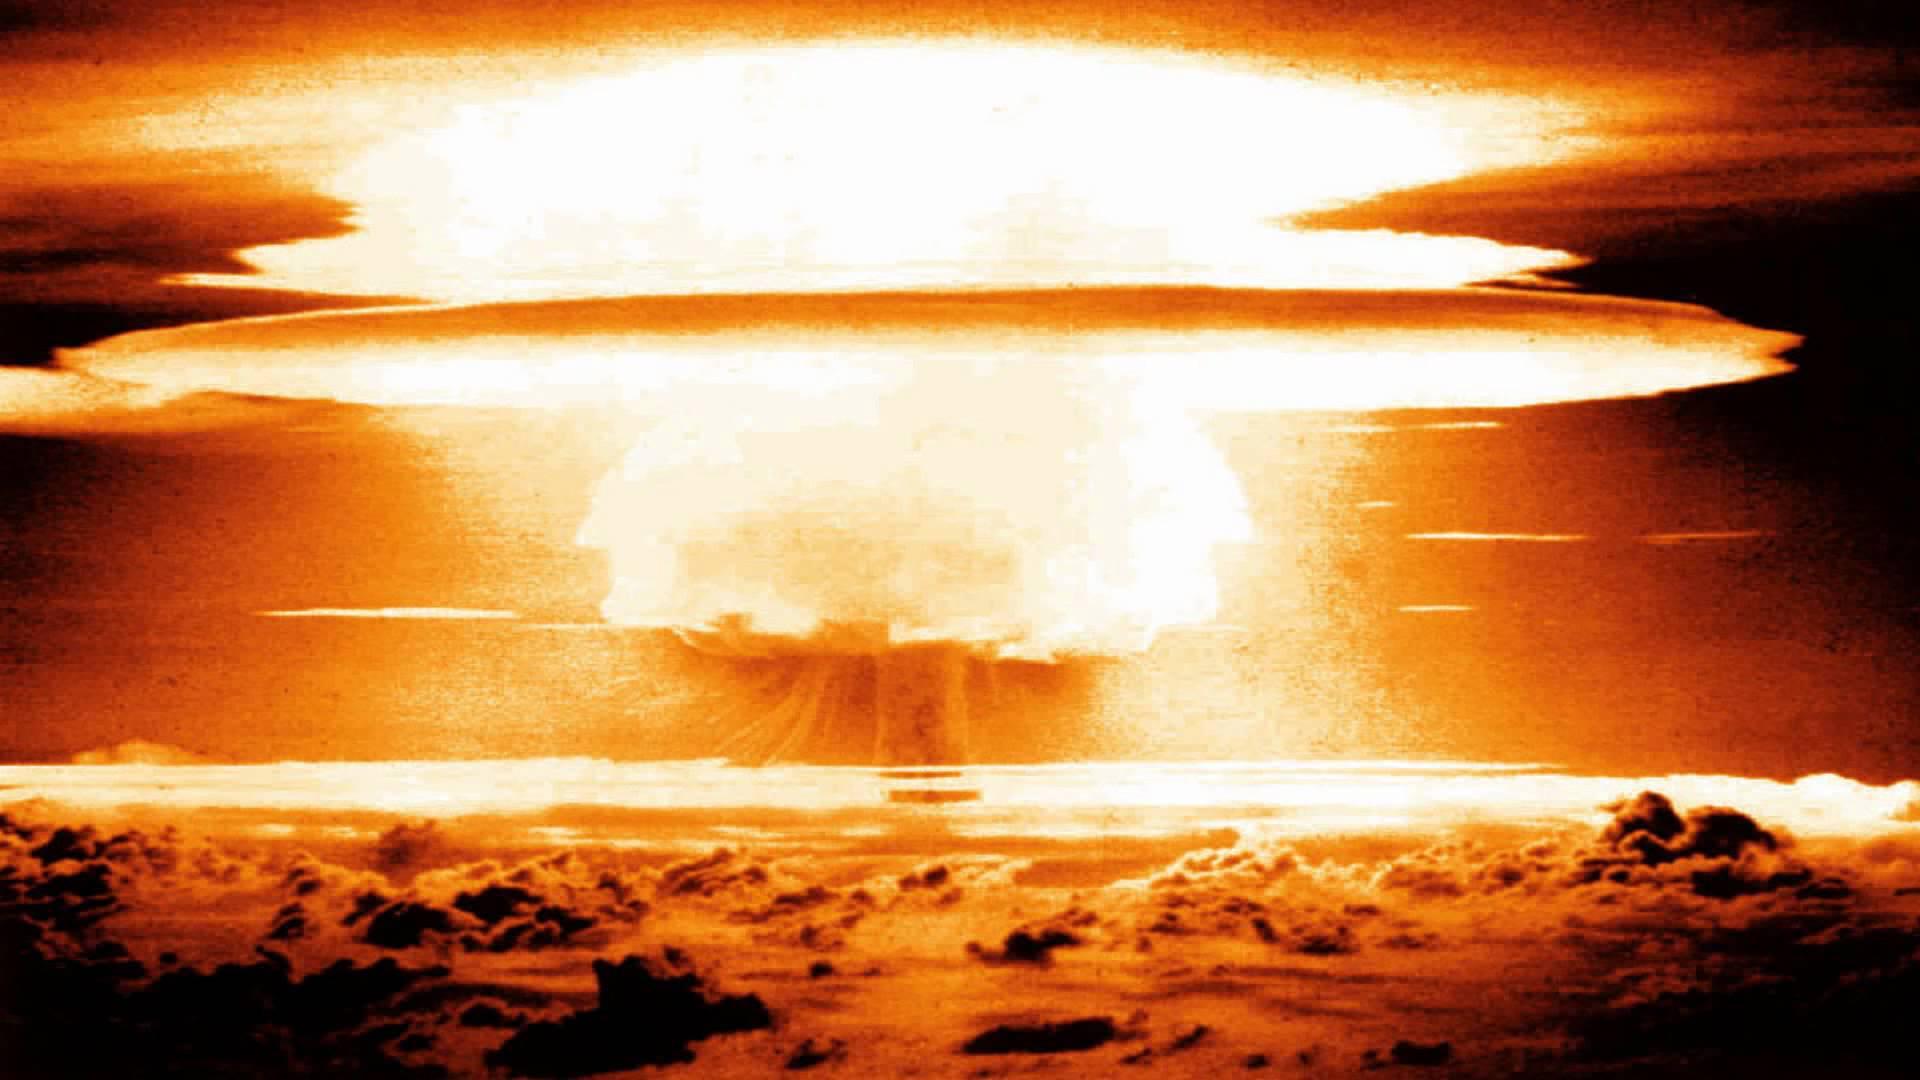 мир на грани ядерной войны fallout 4 review Обзор рецензия отвратительные мужики